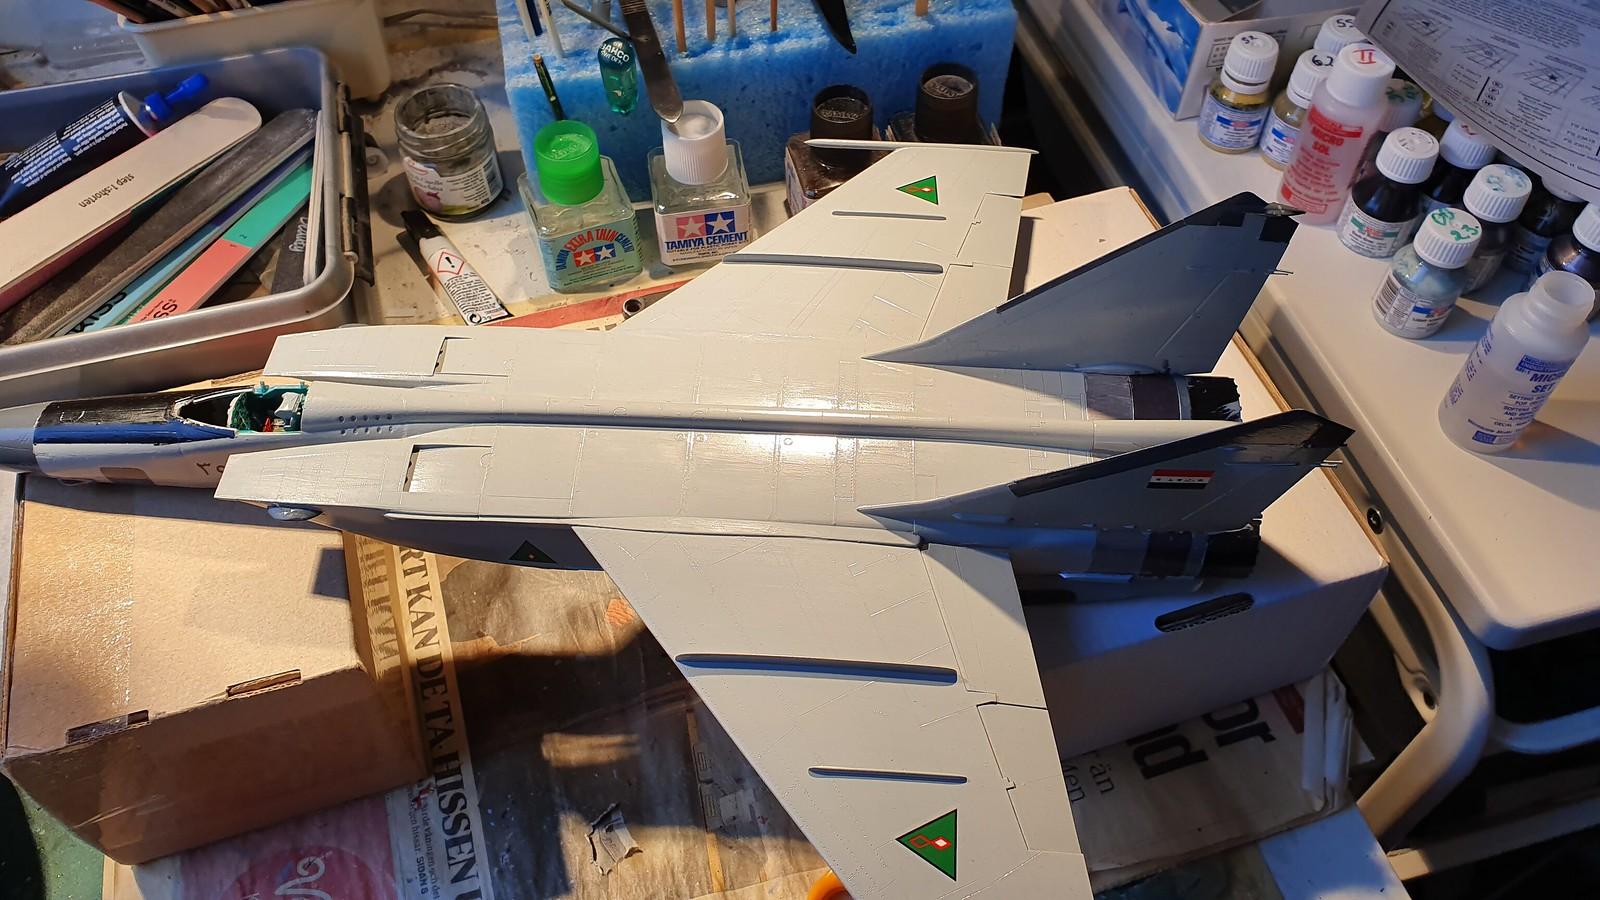 MiG-25BM Iraqi Air Force 1988 - ICM/Revell 1/48 + extra - Färdig! - Sida 7 48936860406_54d8987507_h